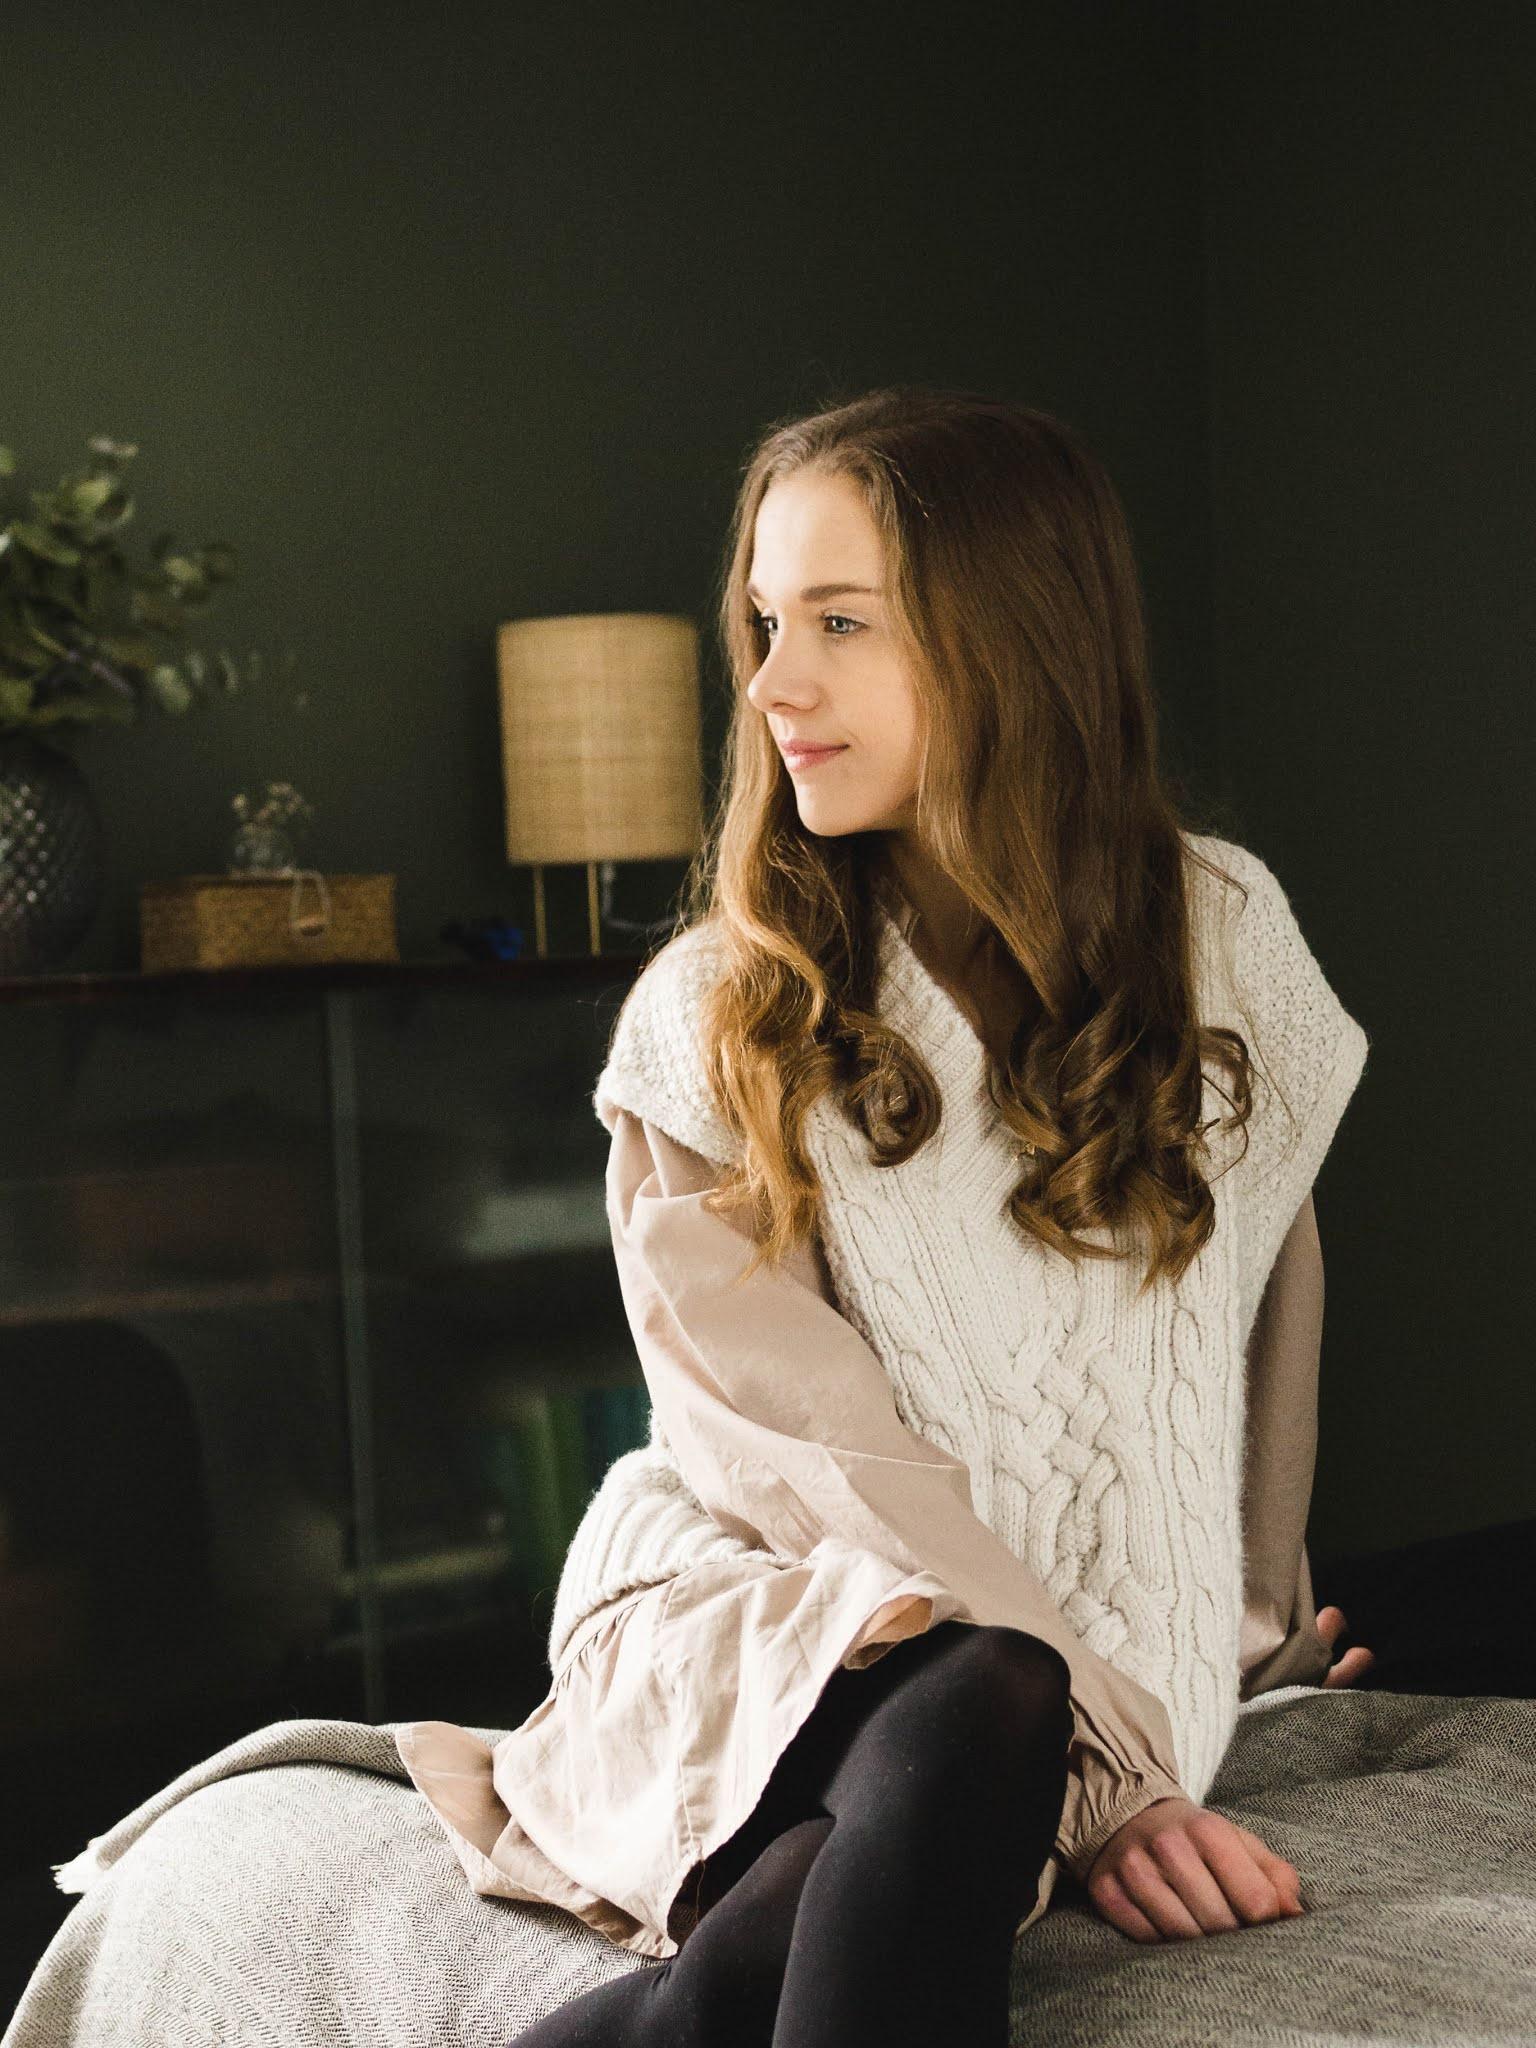 Kevään pukeutuminen, beige paitamekko ja valkoinen neuleliivi // Spring outfit: beige smock dress and knitted vest